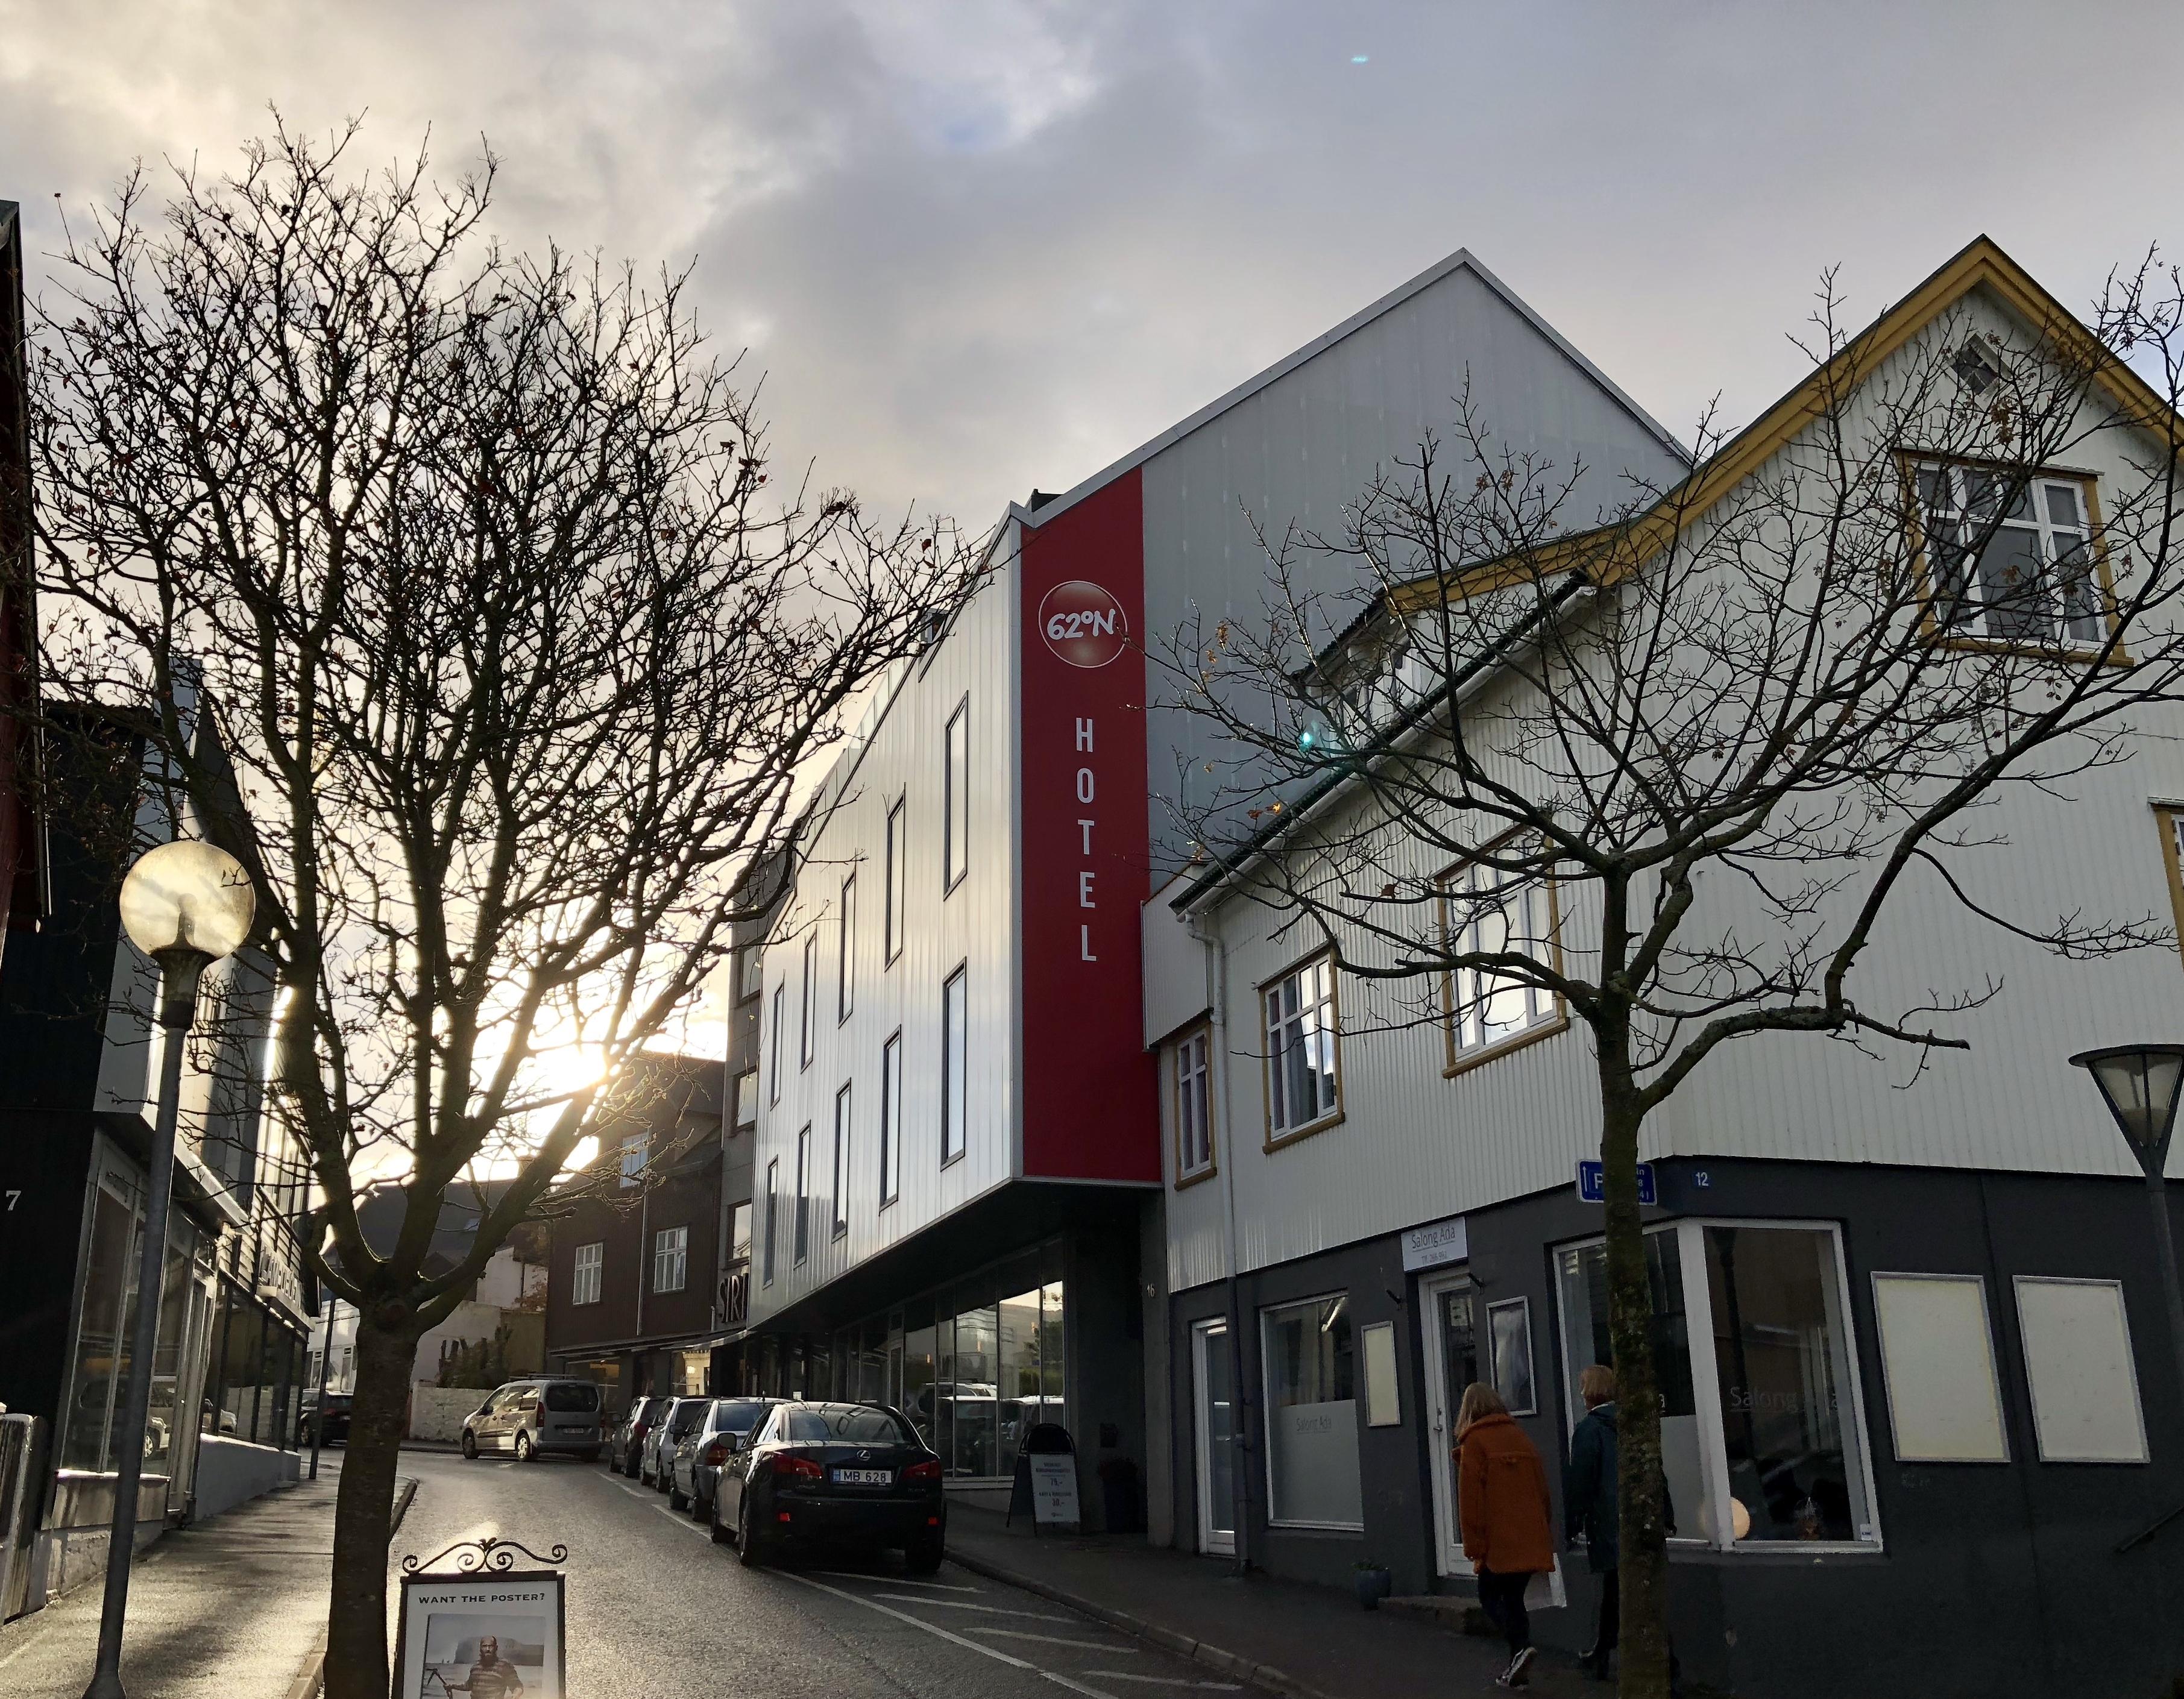 Hotel Havn med 19 værelser i Torshavn har skiftet navn til 62°N Hotel. Foto: 62°N-gruppen.